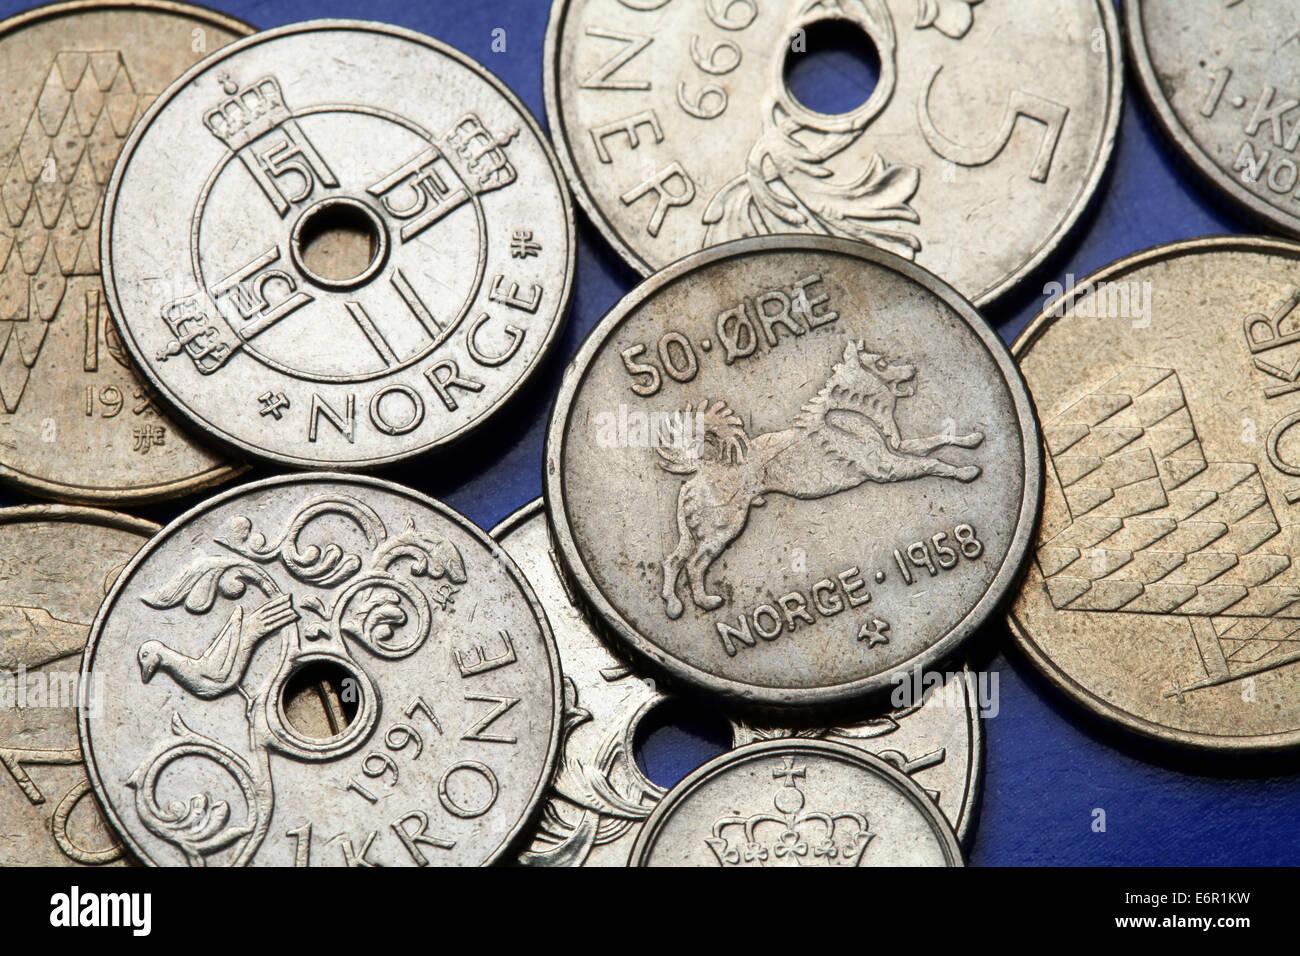 Münzen Von Norwegen Norwegischer Elchhund Hund Dargestellt In Den